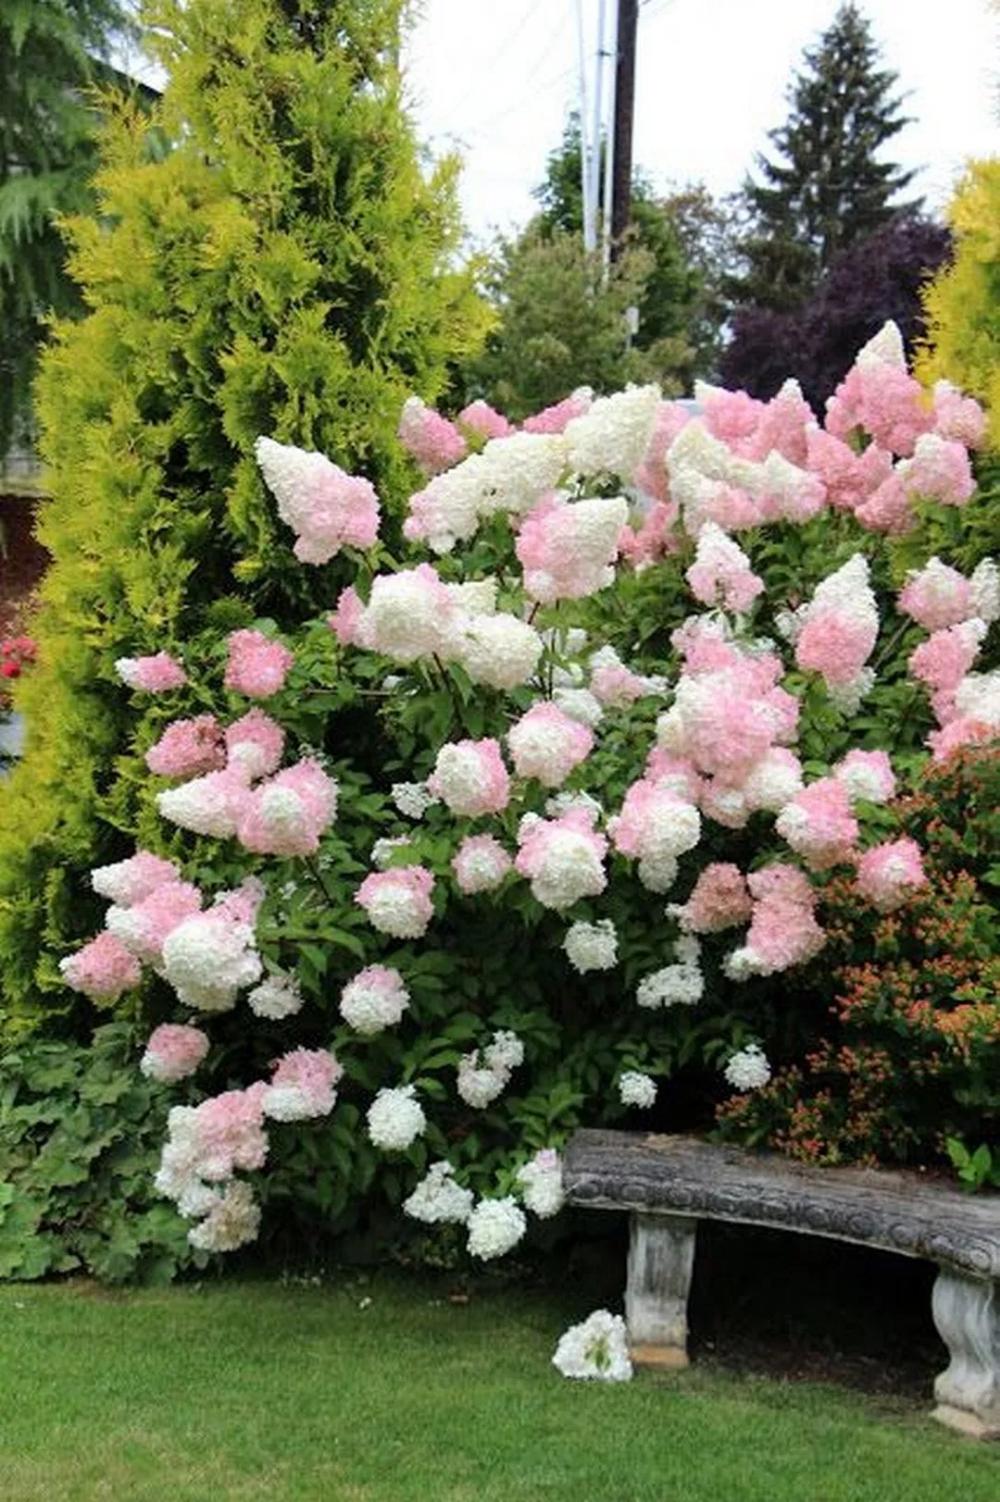 Best Diy Cottage Garden Ideas From Pinterest 31 Onechitecture Planting Hydrangeas Flower Design Hydrangea Landscaping